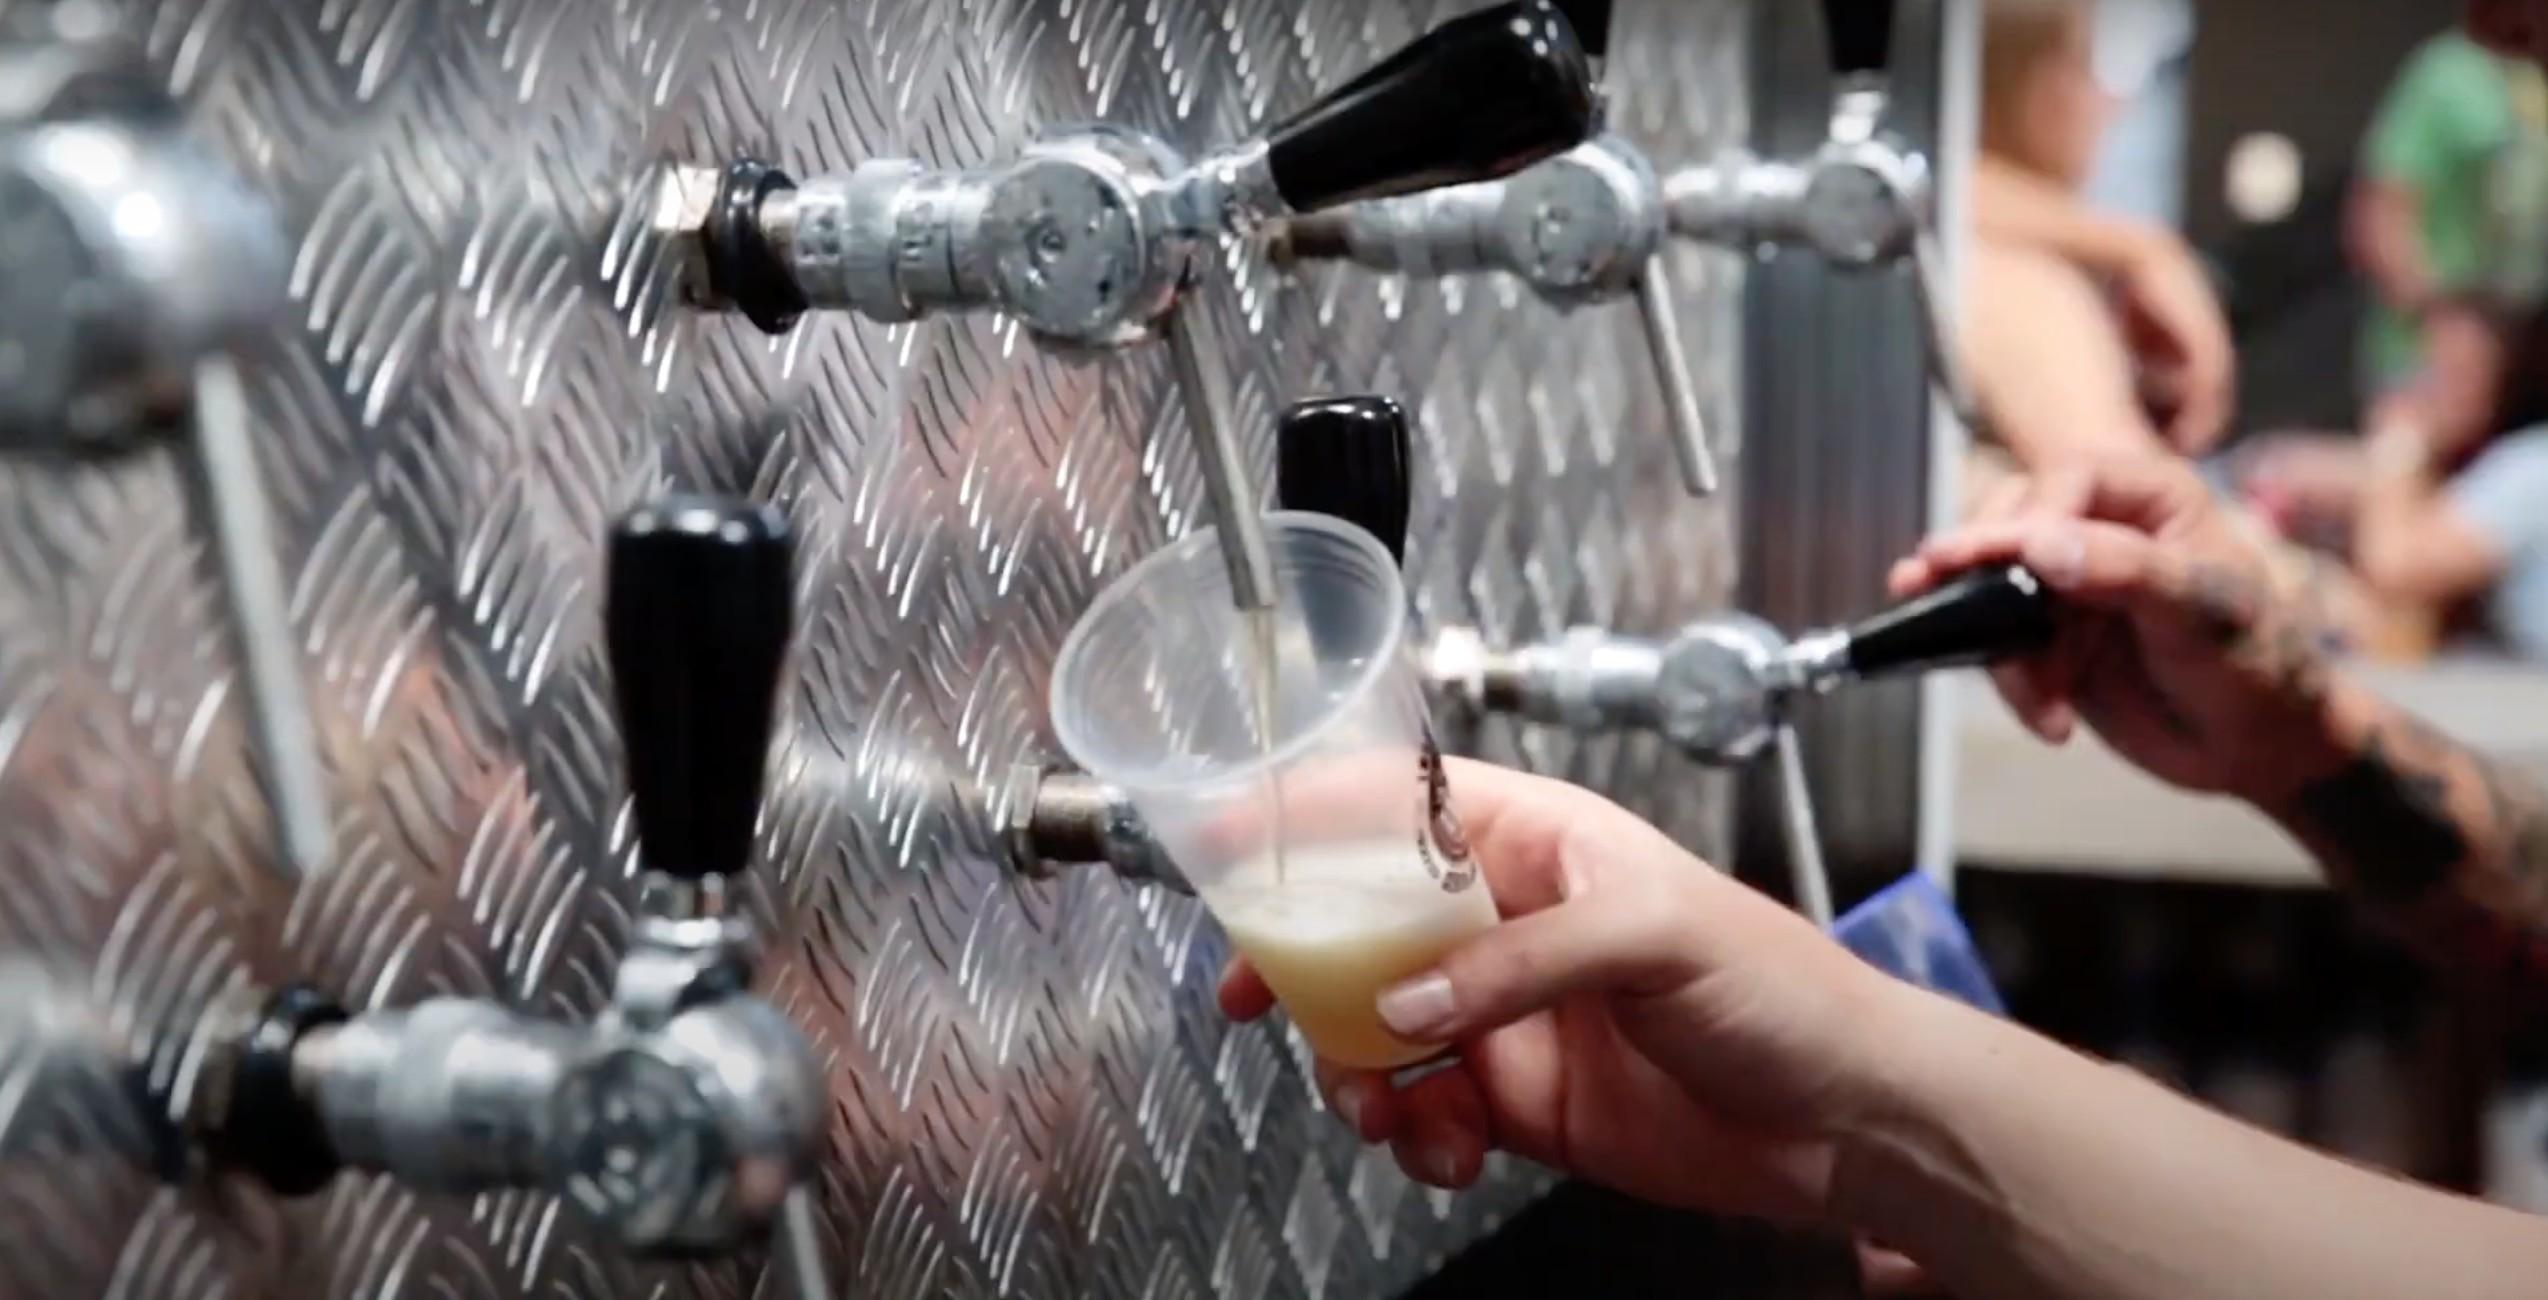 Cervejaria realiza ação solidária e troca chope por doação de alimentos em Poços de Caldas, MG